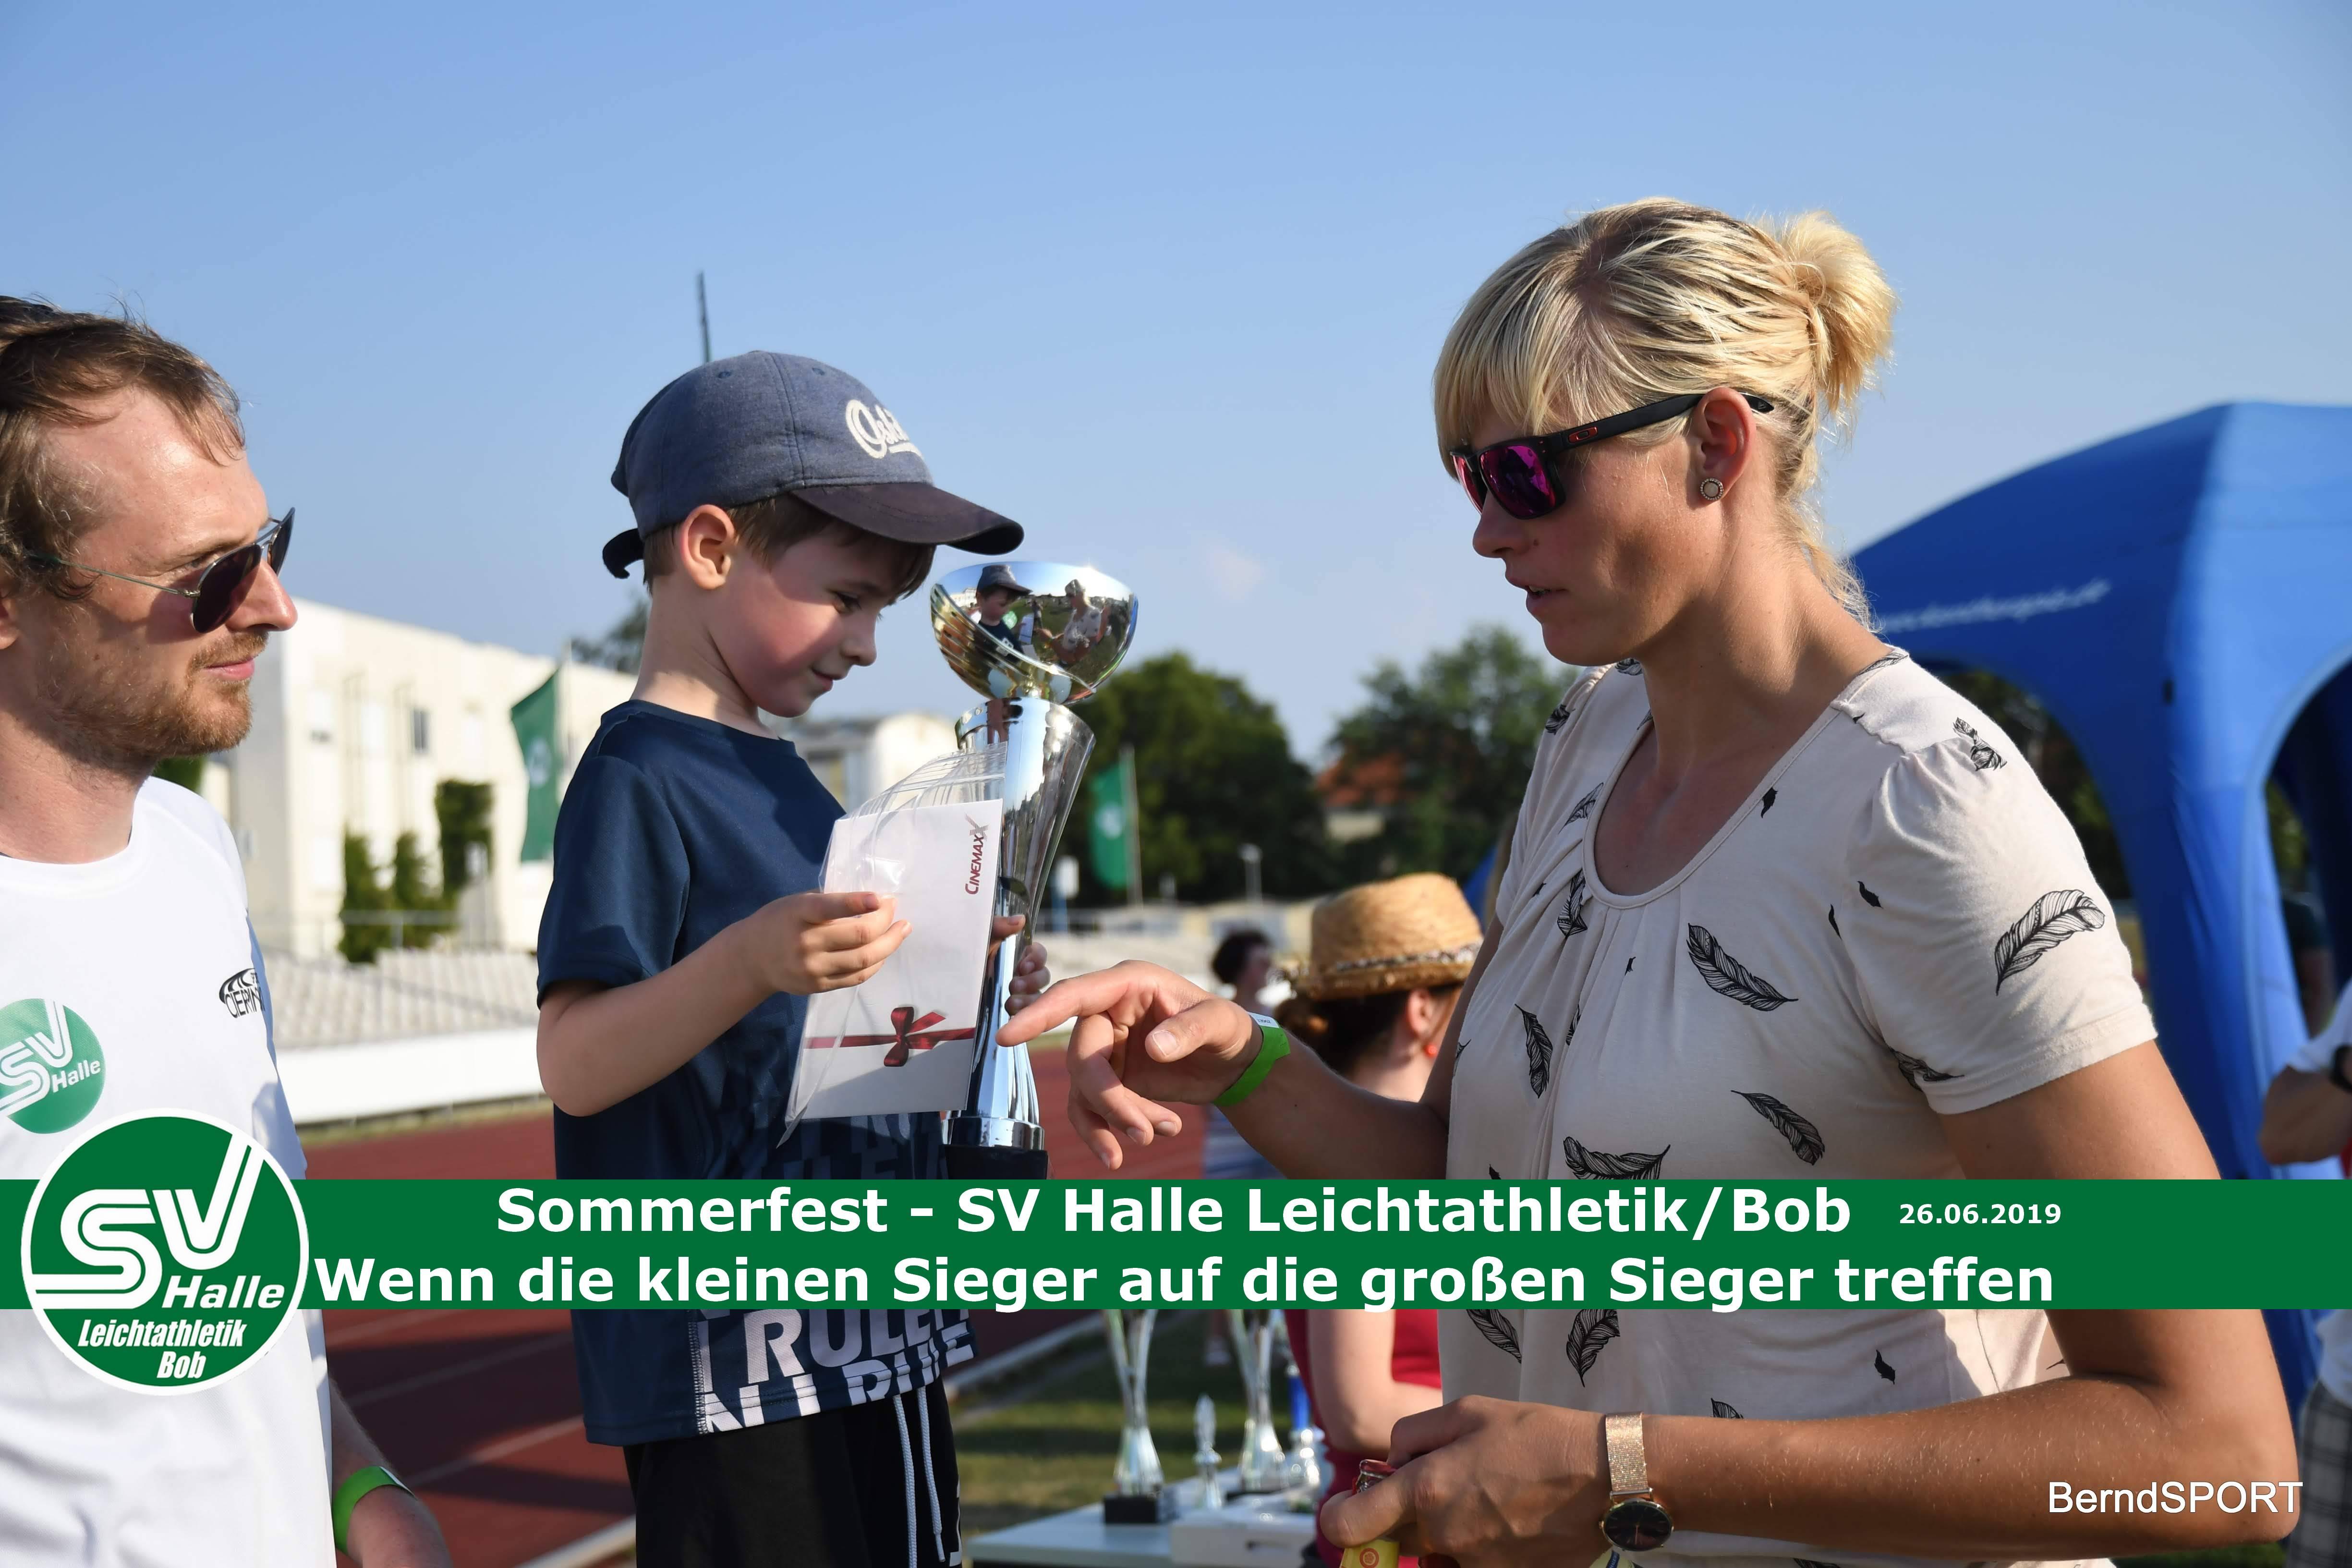 2019.06.26 - Sommerfest Sieger